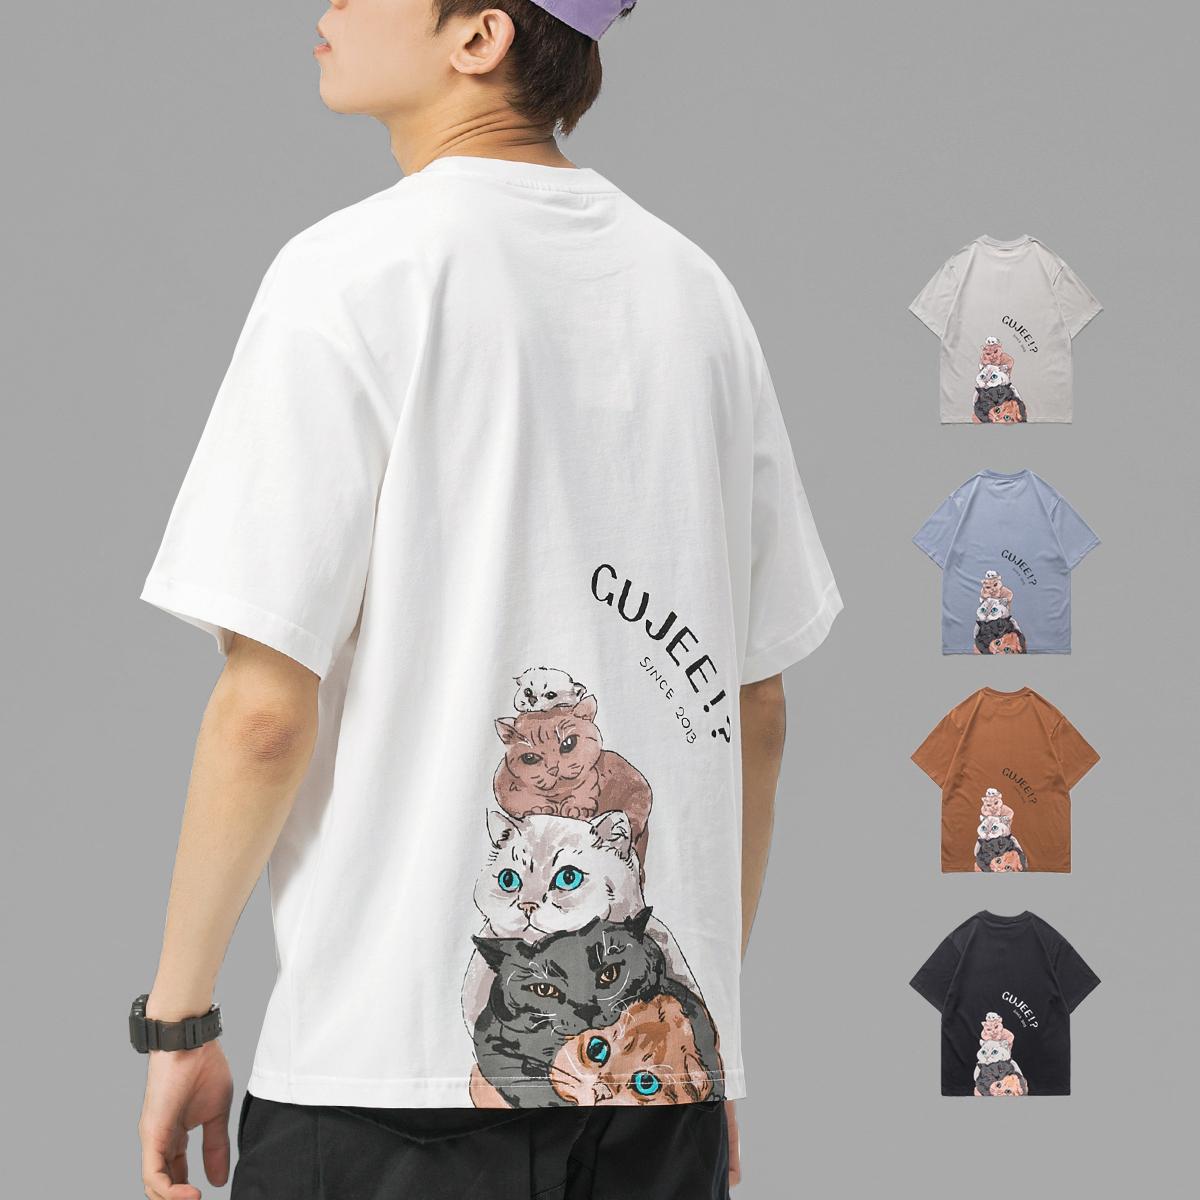 夏季短袖t恤男潮牌潮流卡通猫咪纯棉情侣装半袖体恤衫ins潮打底衫